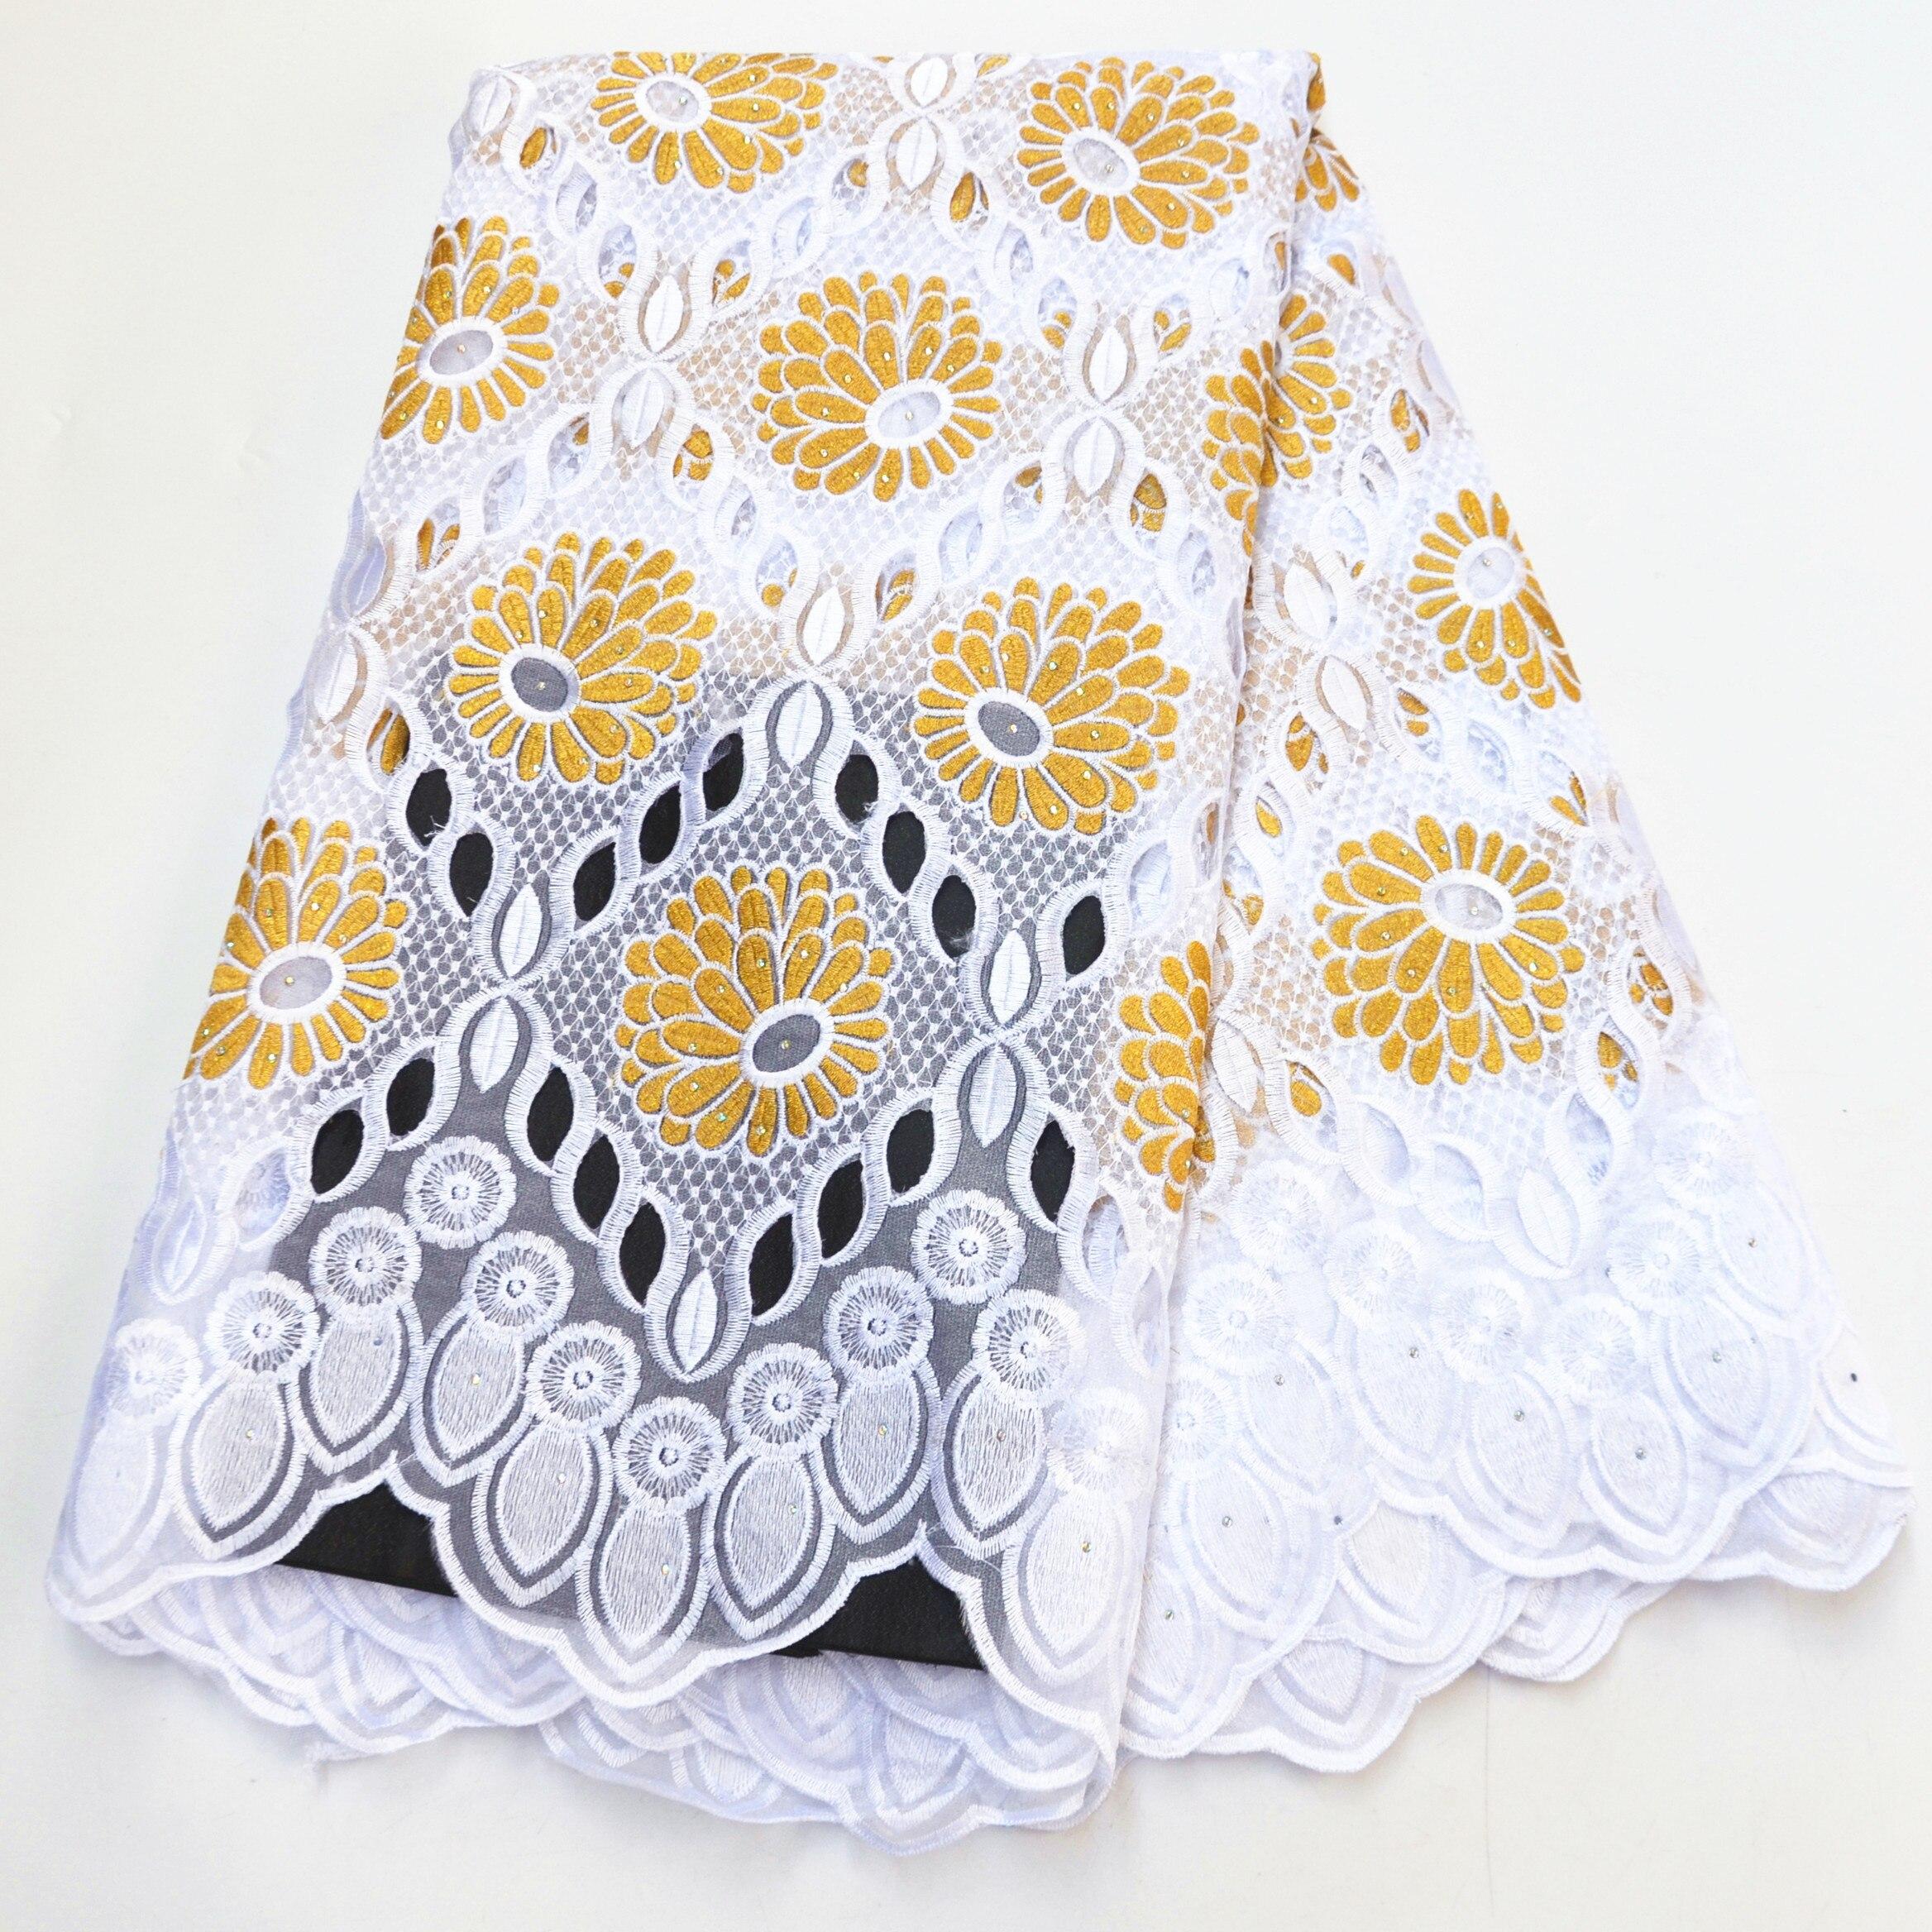 Tela africana de encaje 2020 gran oferta de alta calidad encaje nigeriano con Voile suizo en Suiza para vestido de fiesta barato precio al por mayor